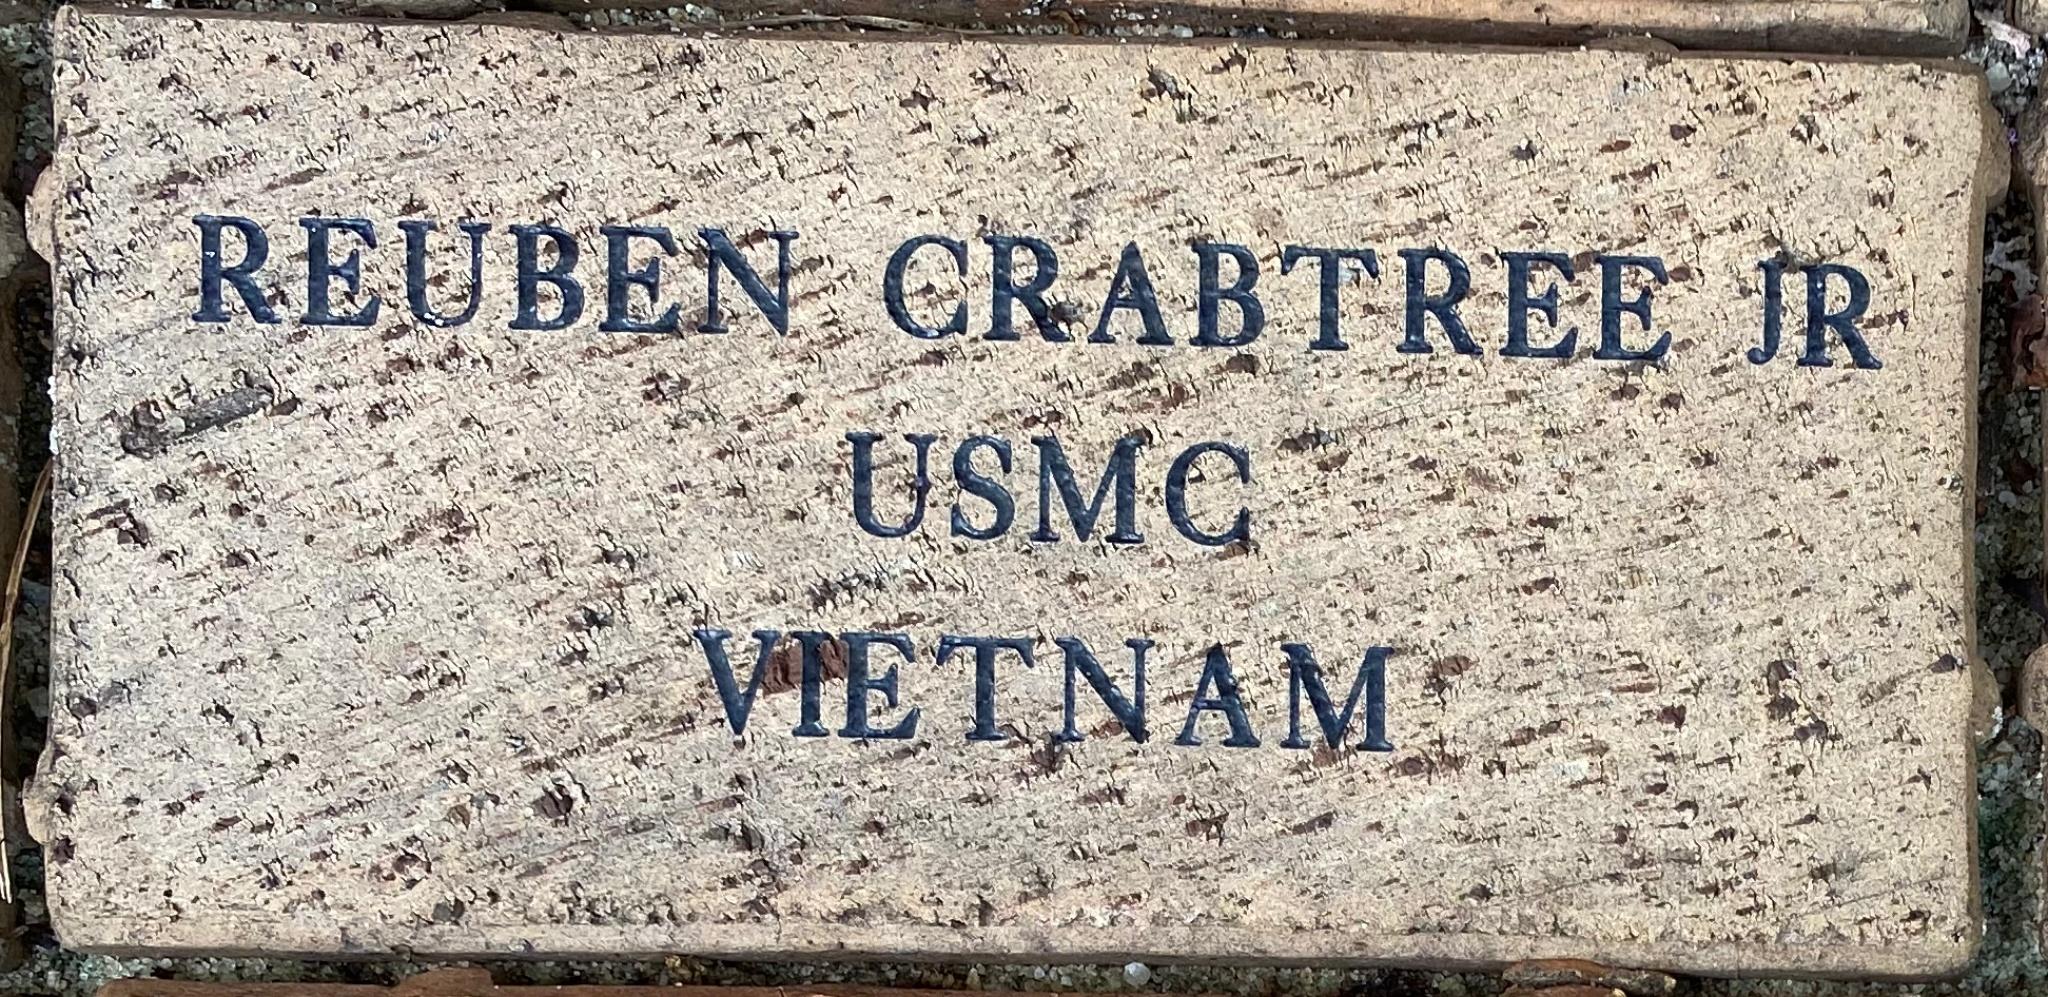 REUBEN CRABTREE JR USMC VIETNAM